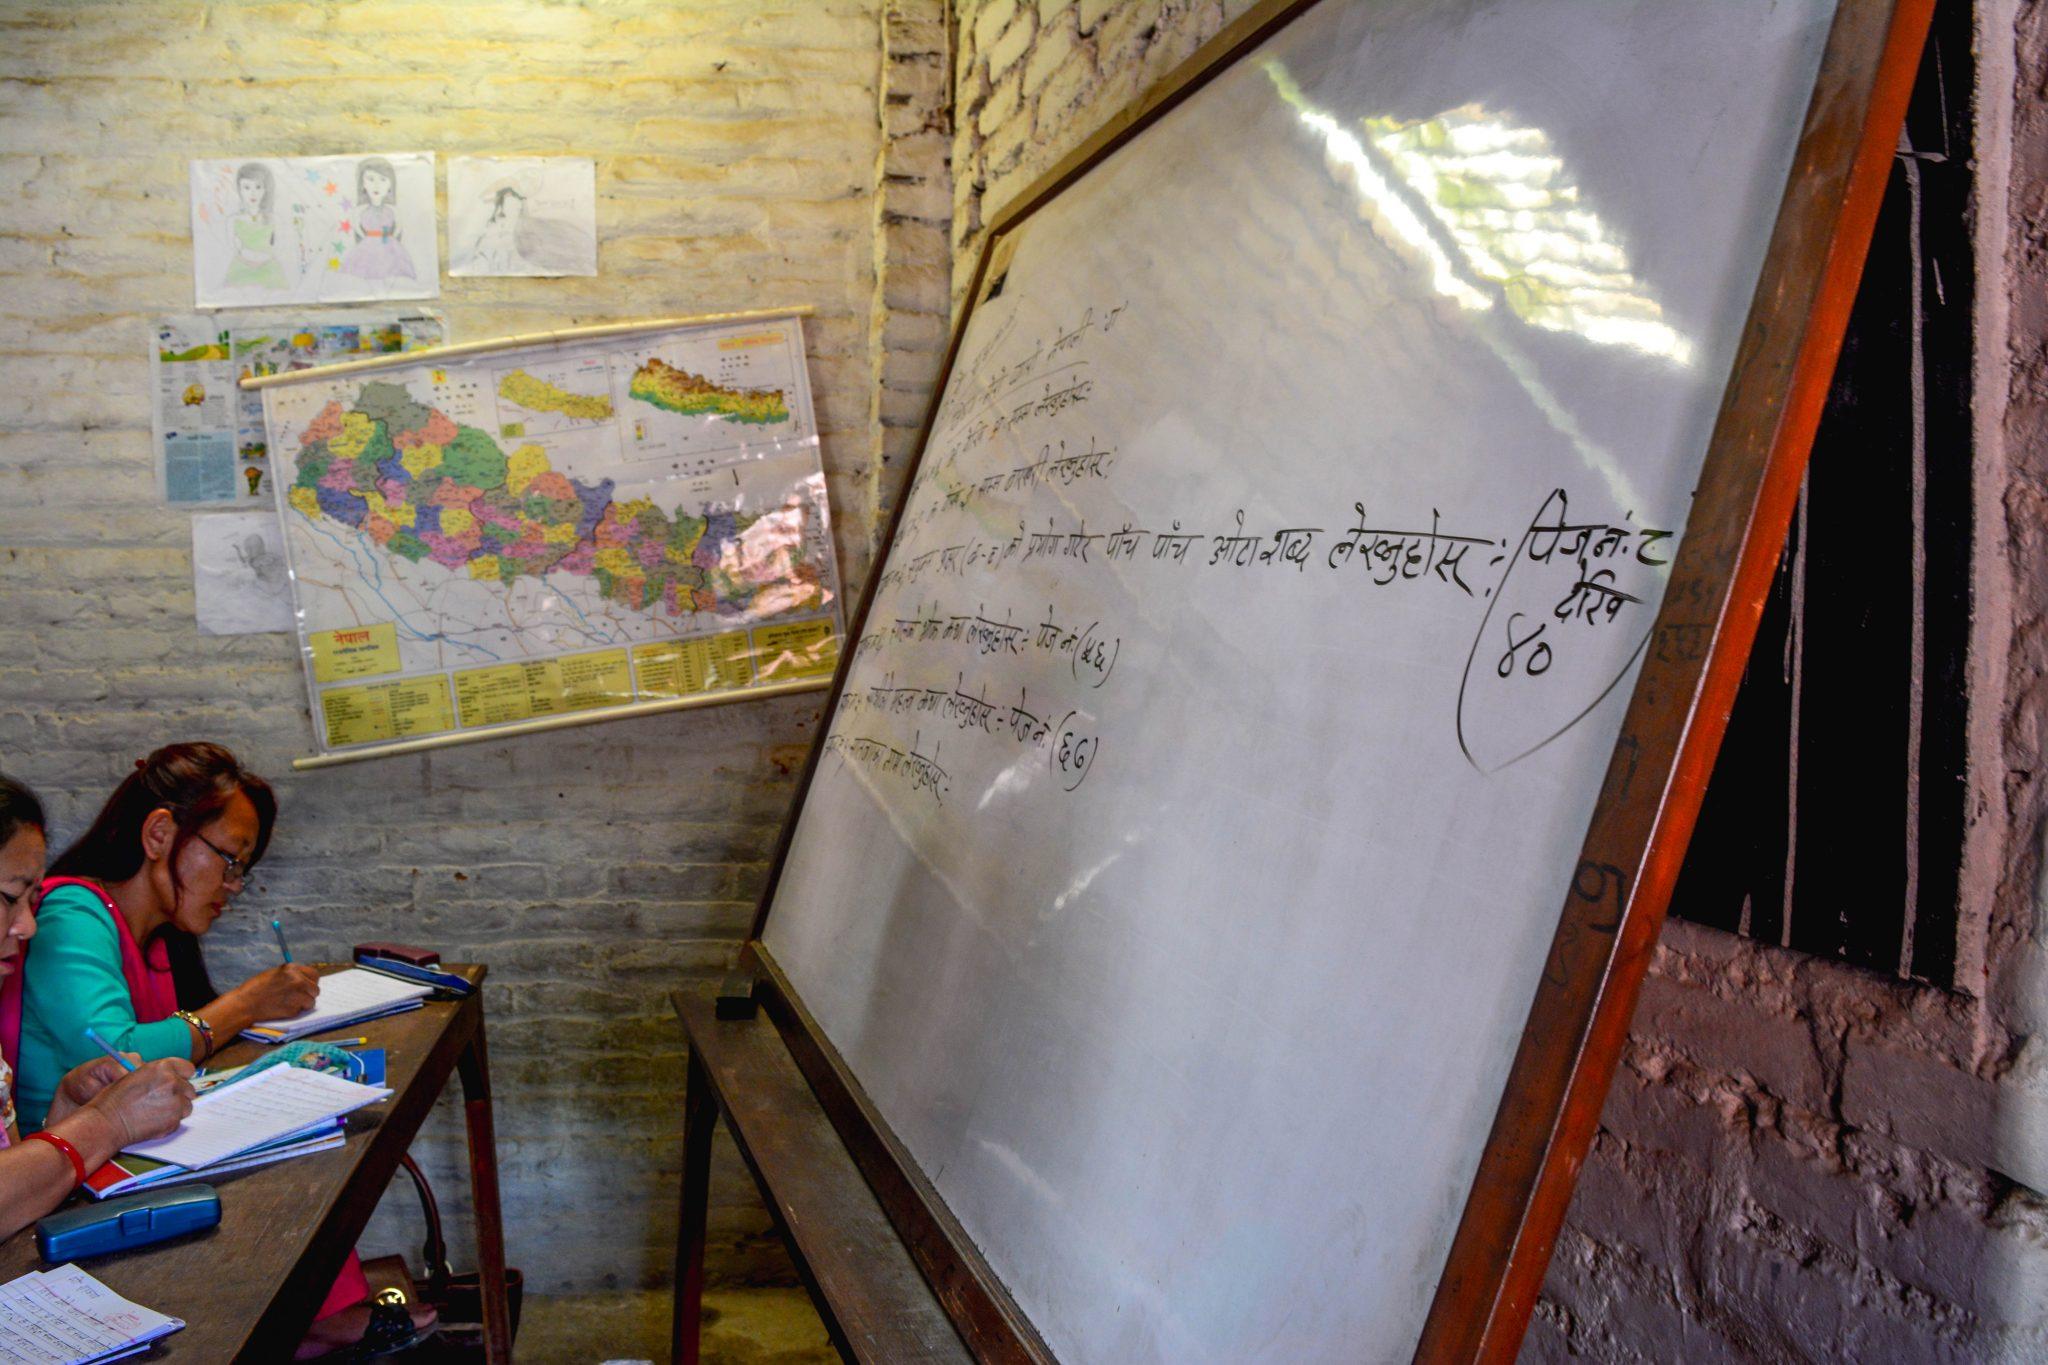 whiteboard for teaching